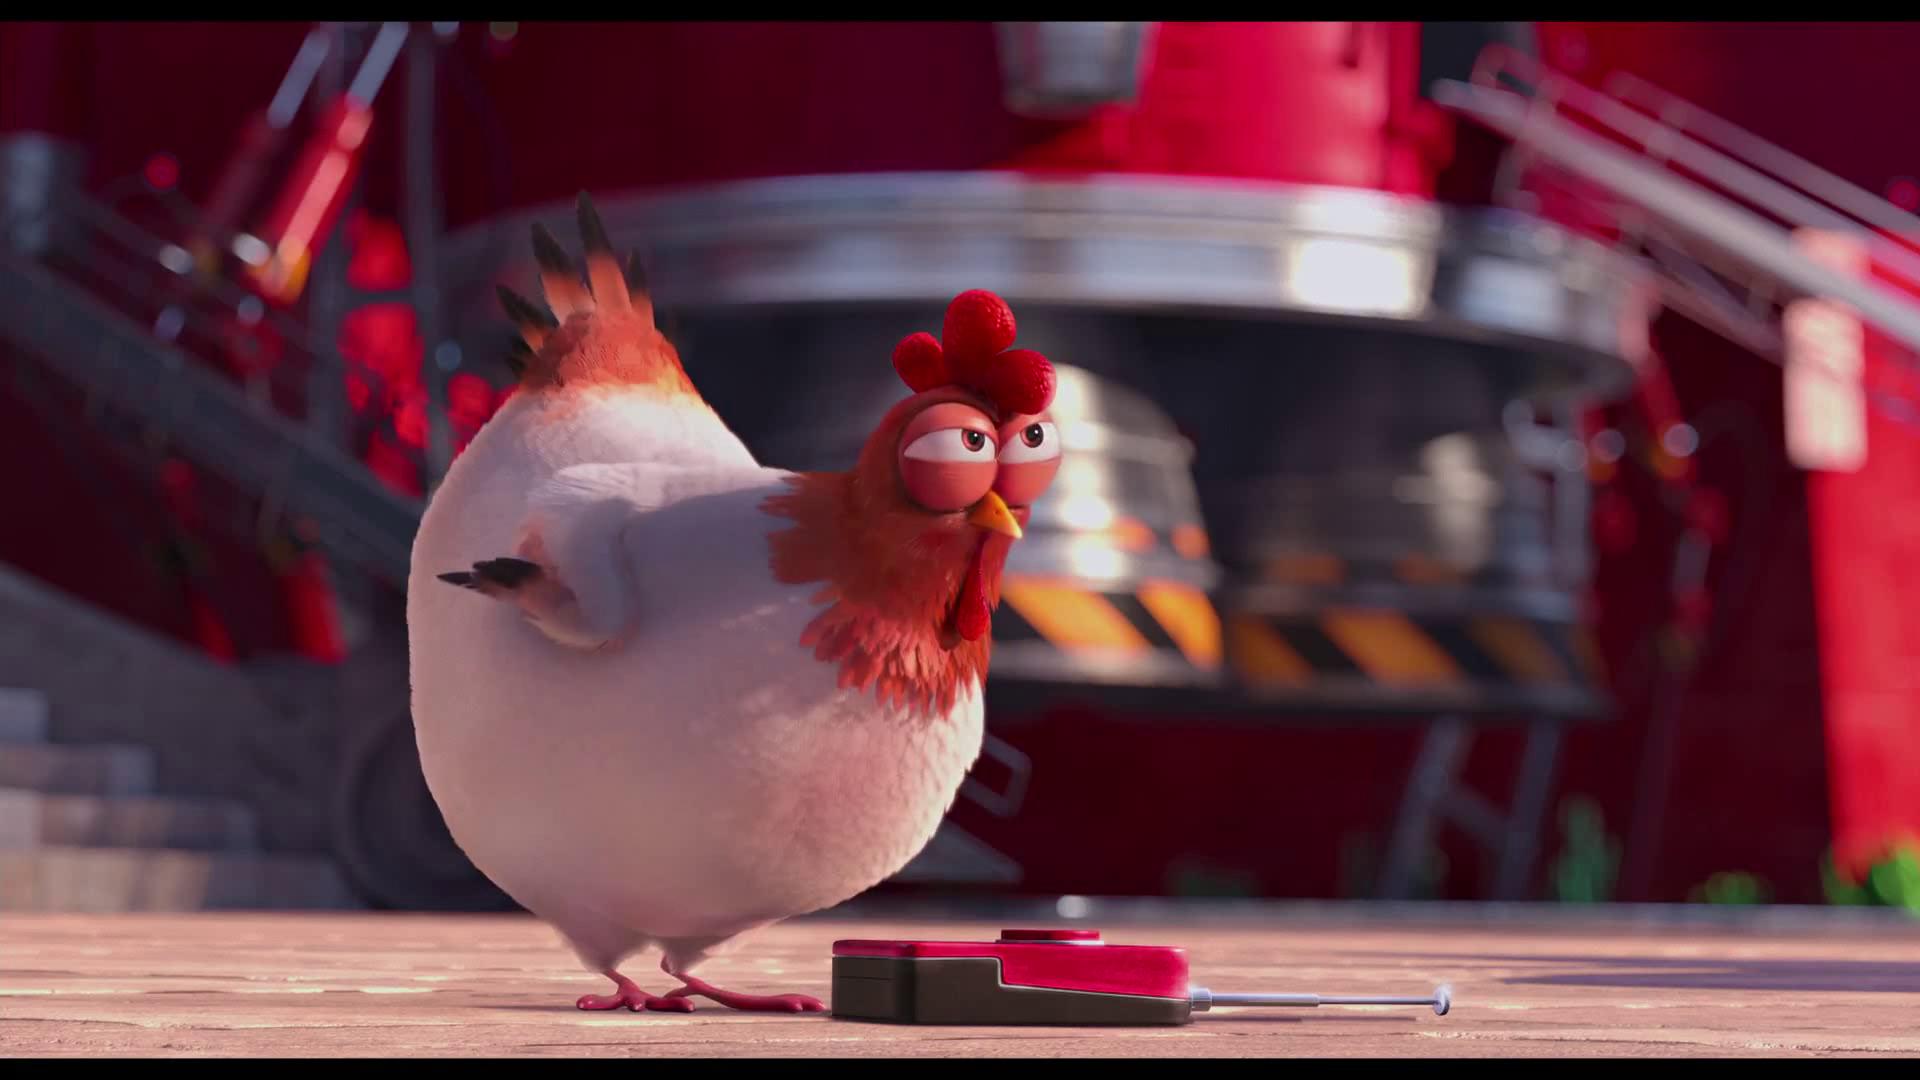 i hate that chicken